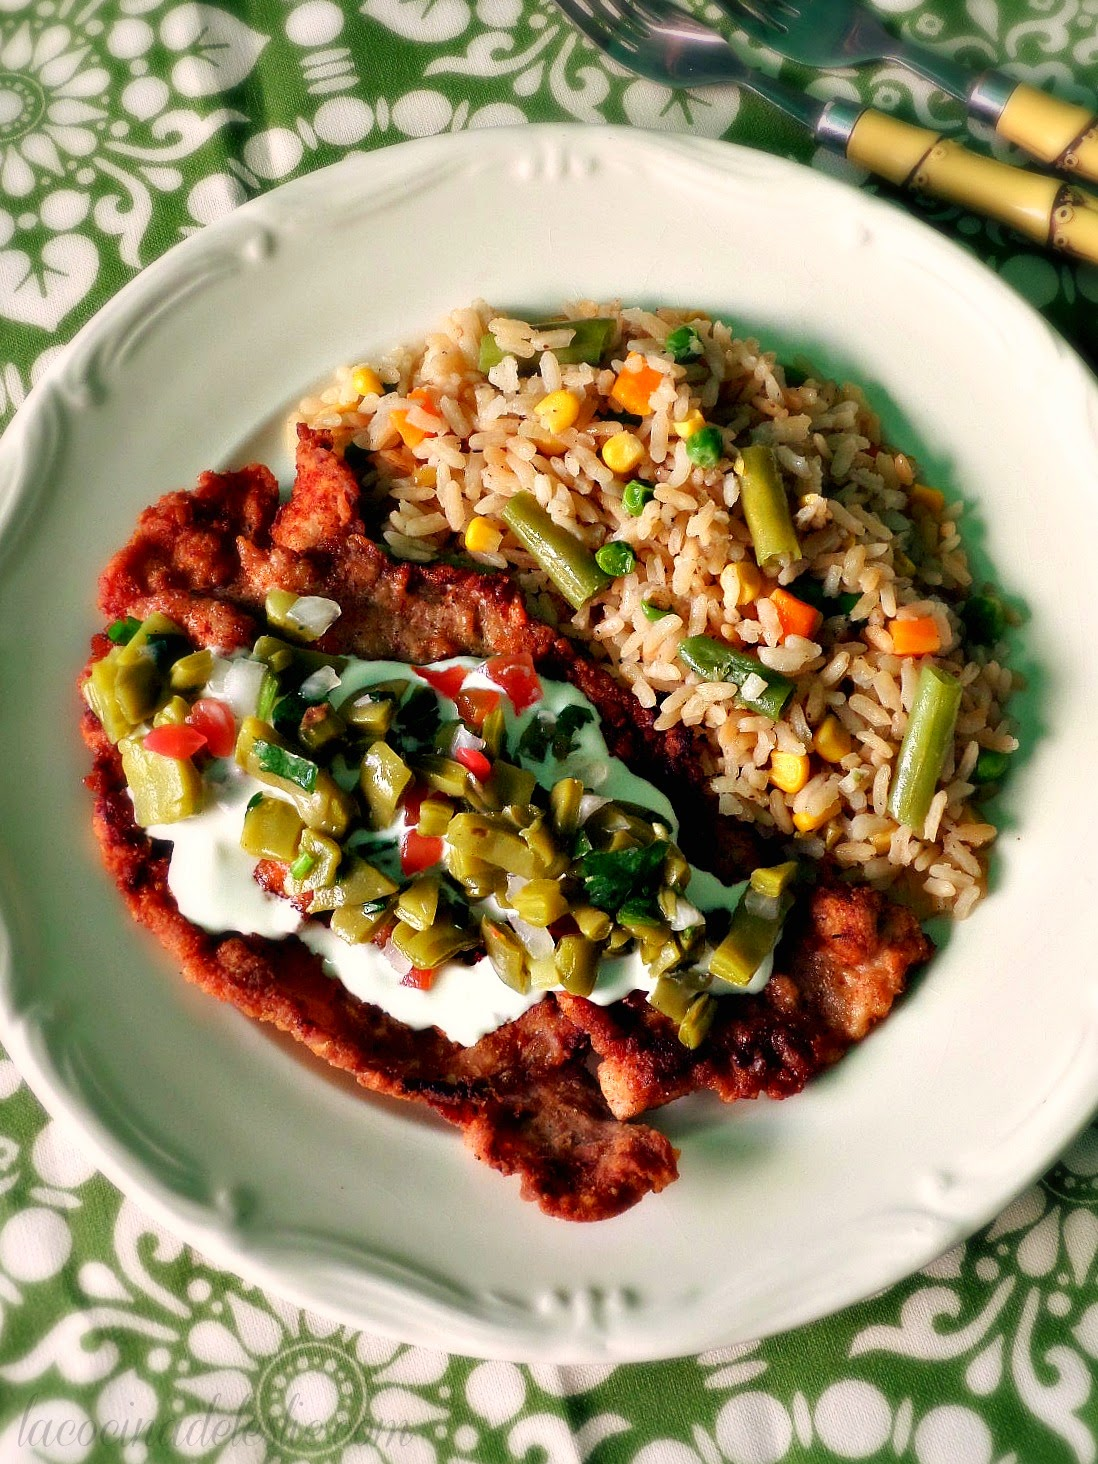 Spicy Pork Milanesas - lacocinadeleslie.com